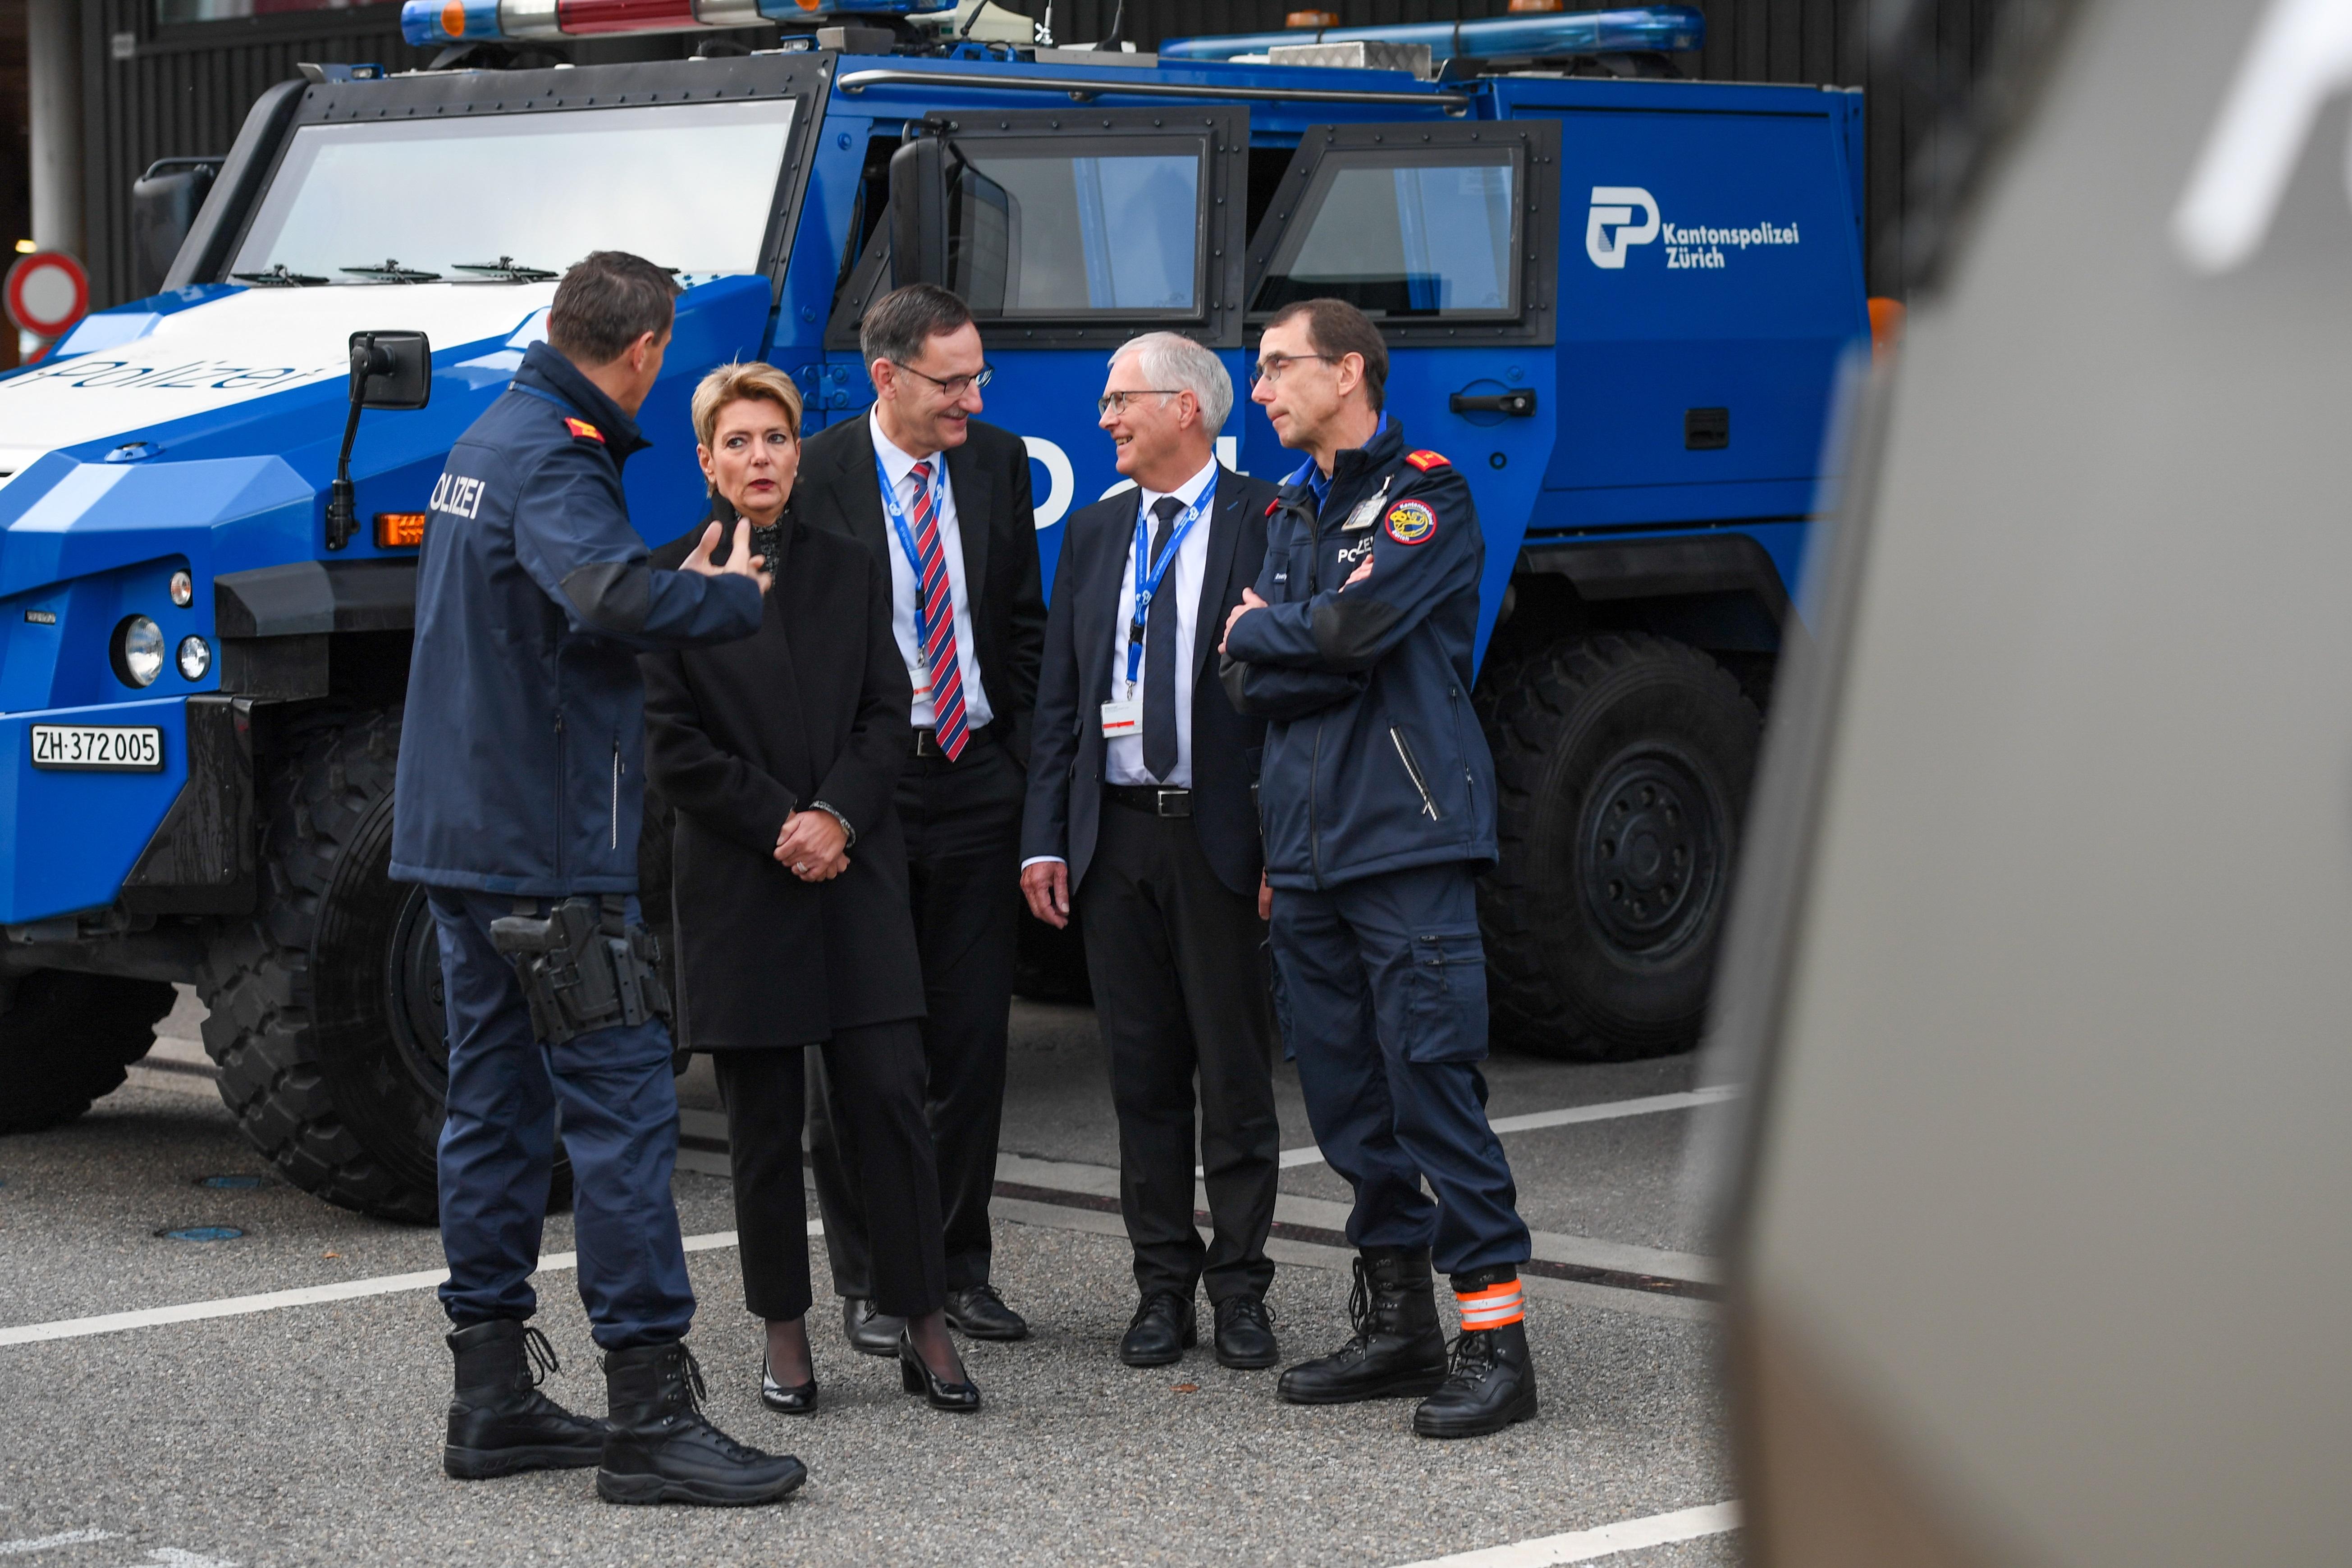 Bundesrätin zu Gast bei der Flughafenpolizei